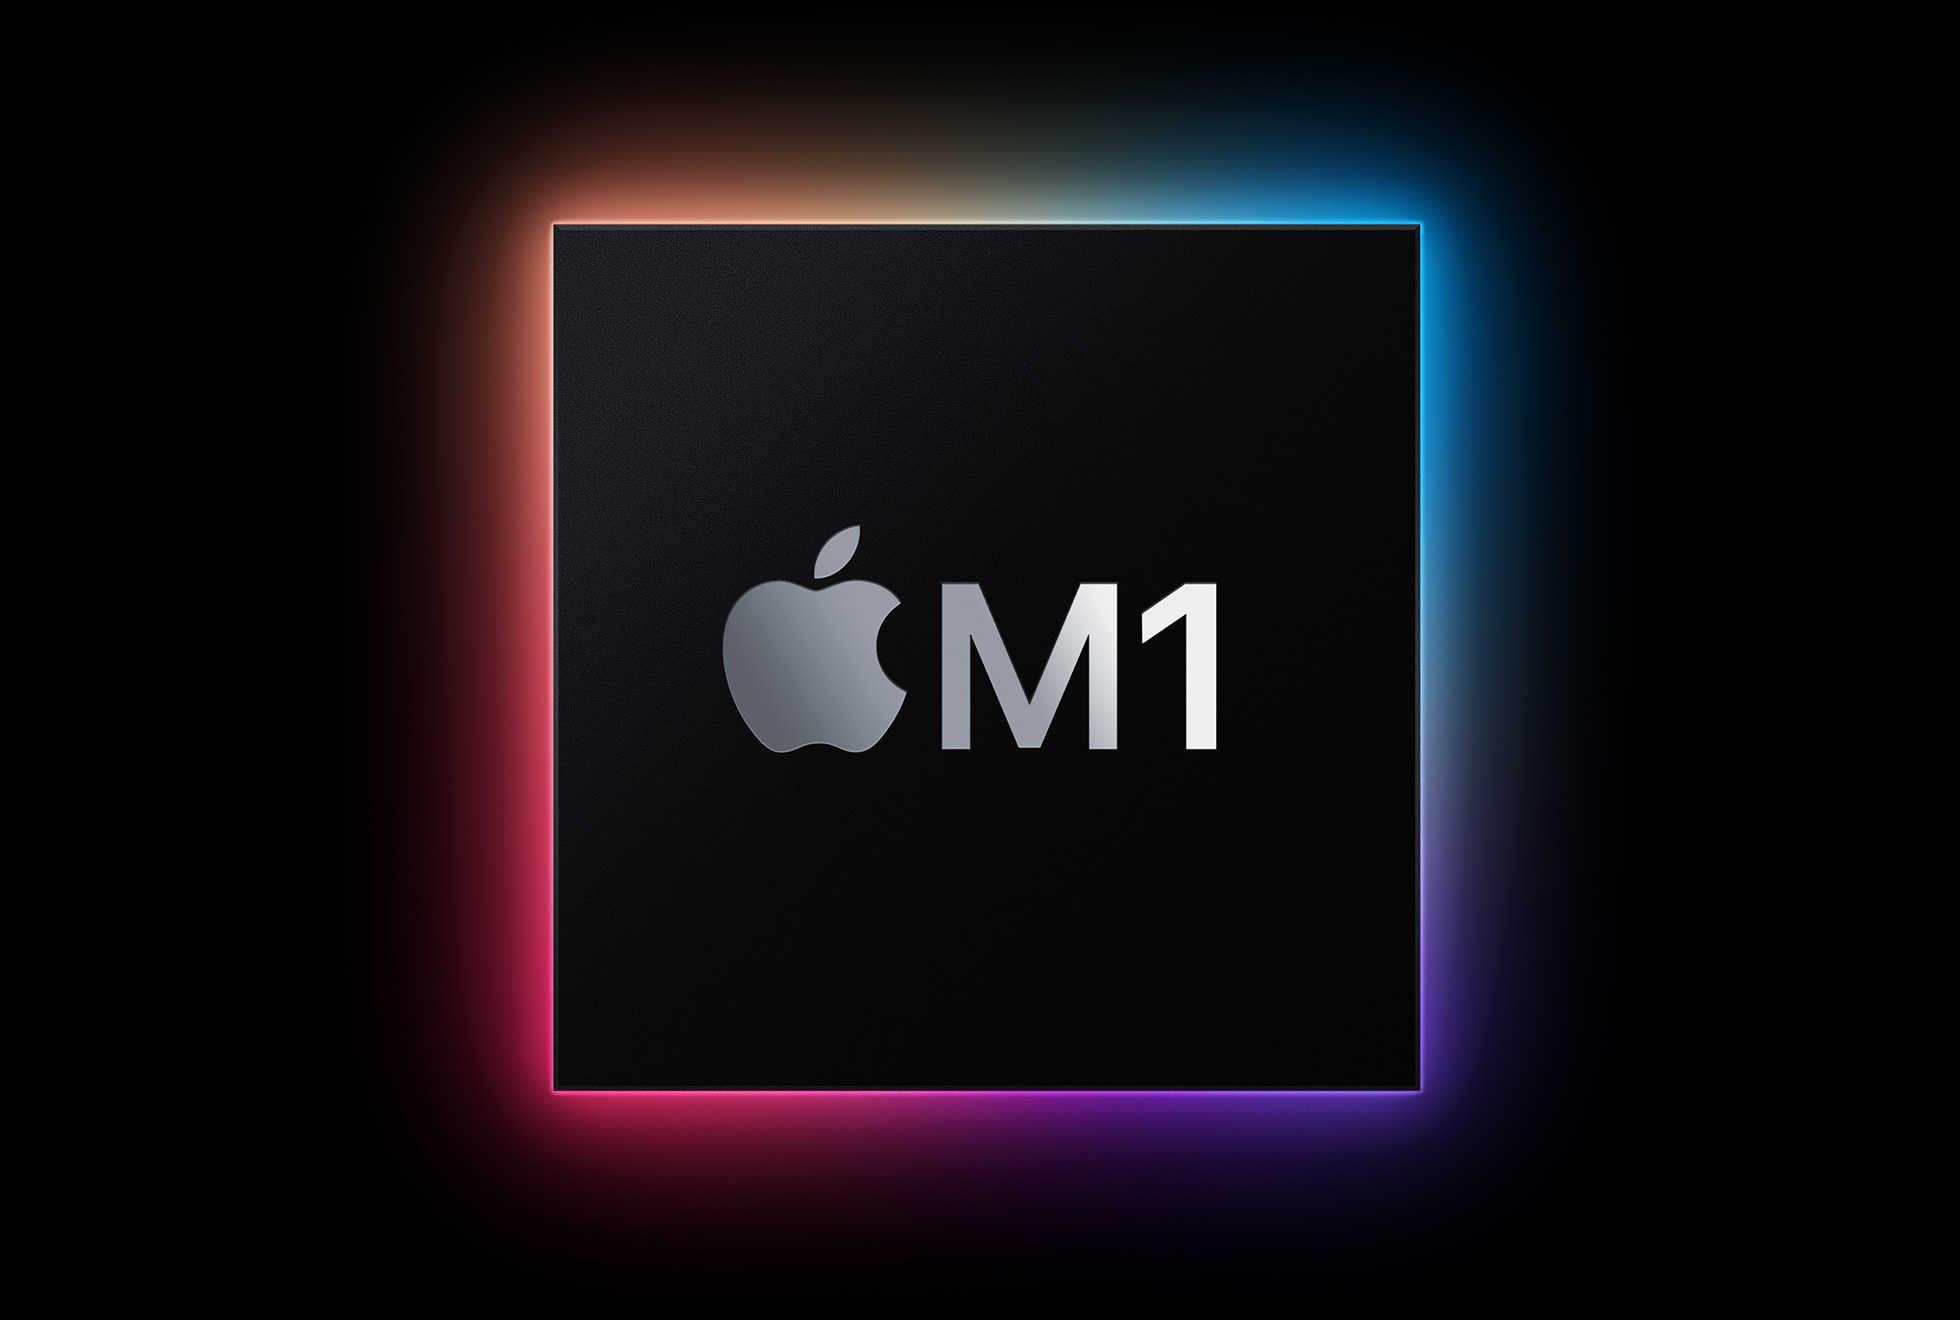 苹果m1芯片相当于英特尔什么级别_苹果m1芯片属于英特尔什么级别